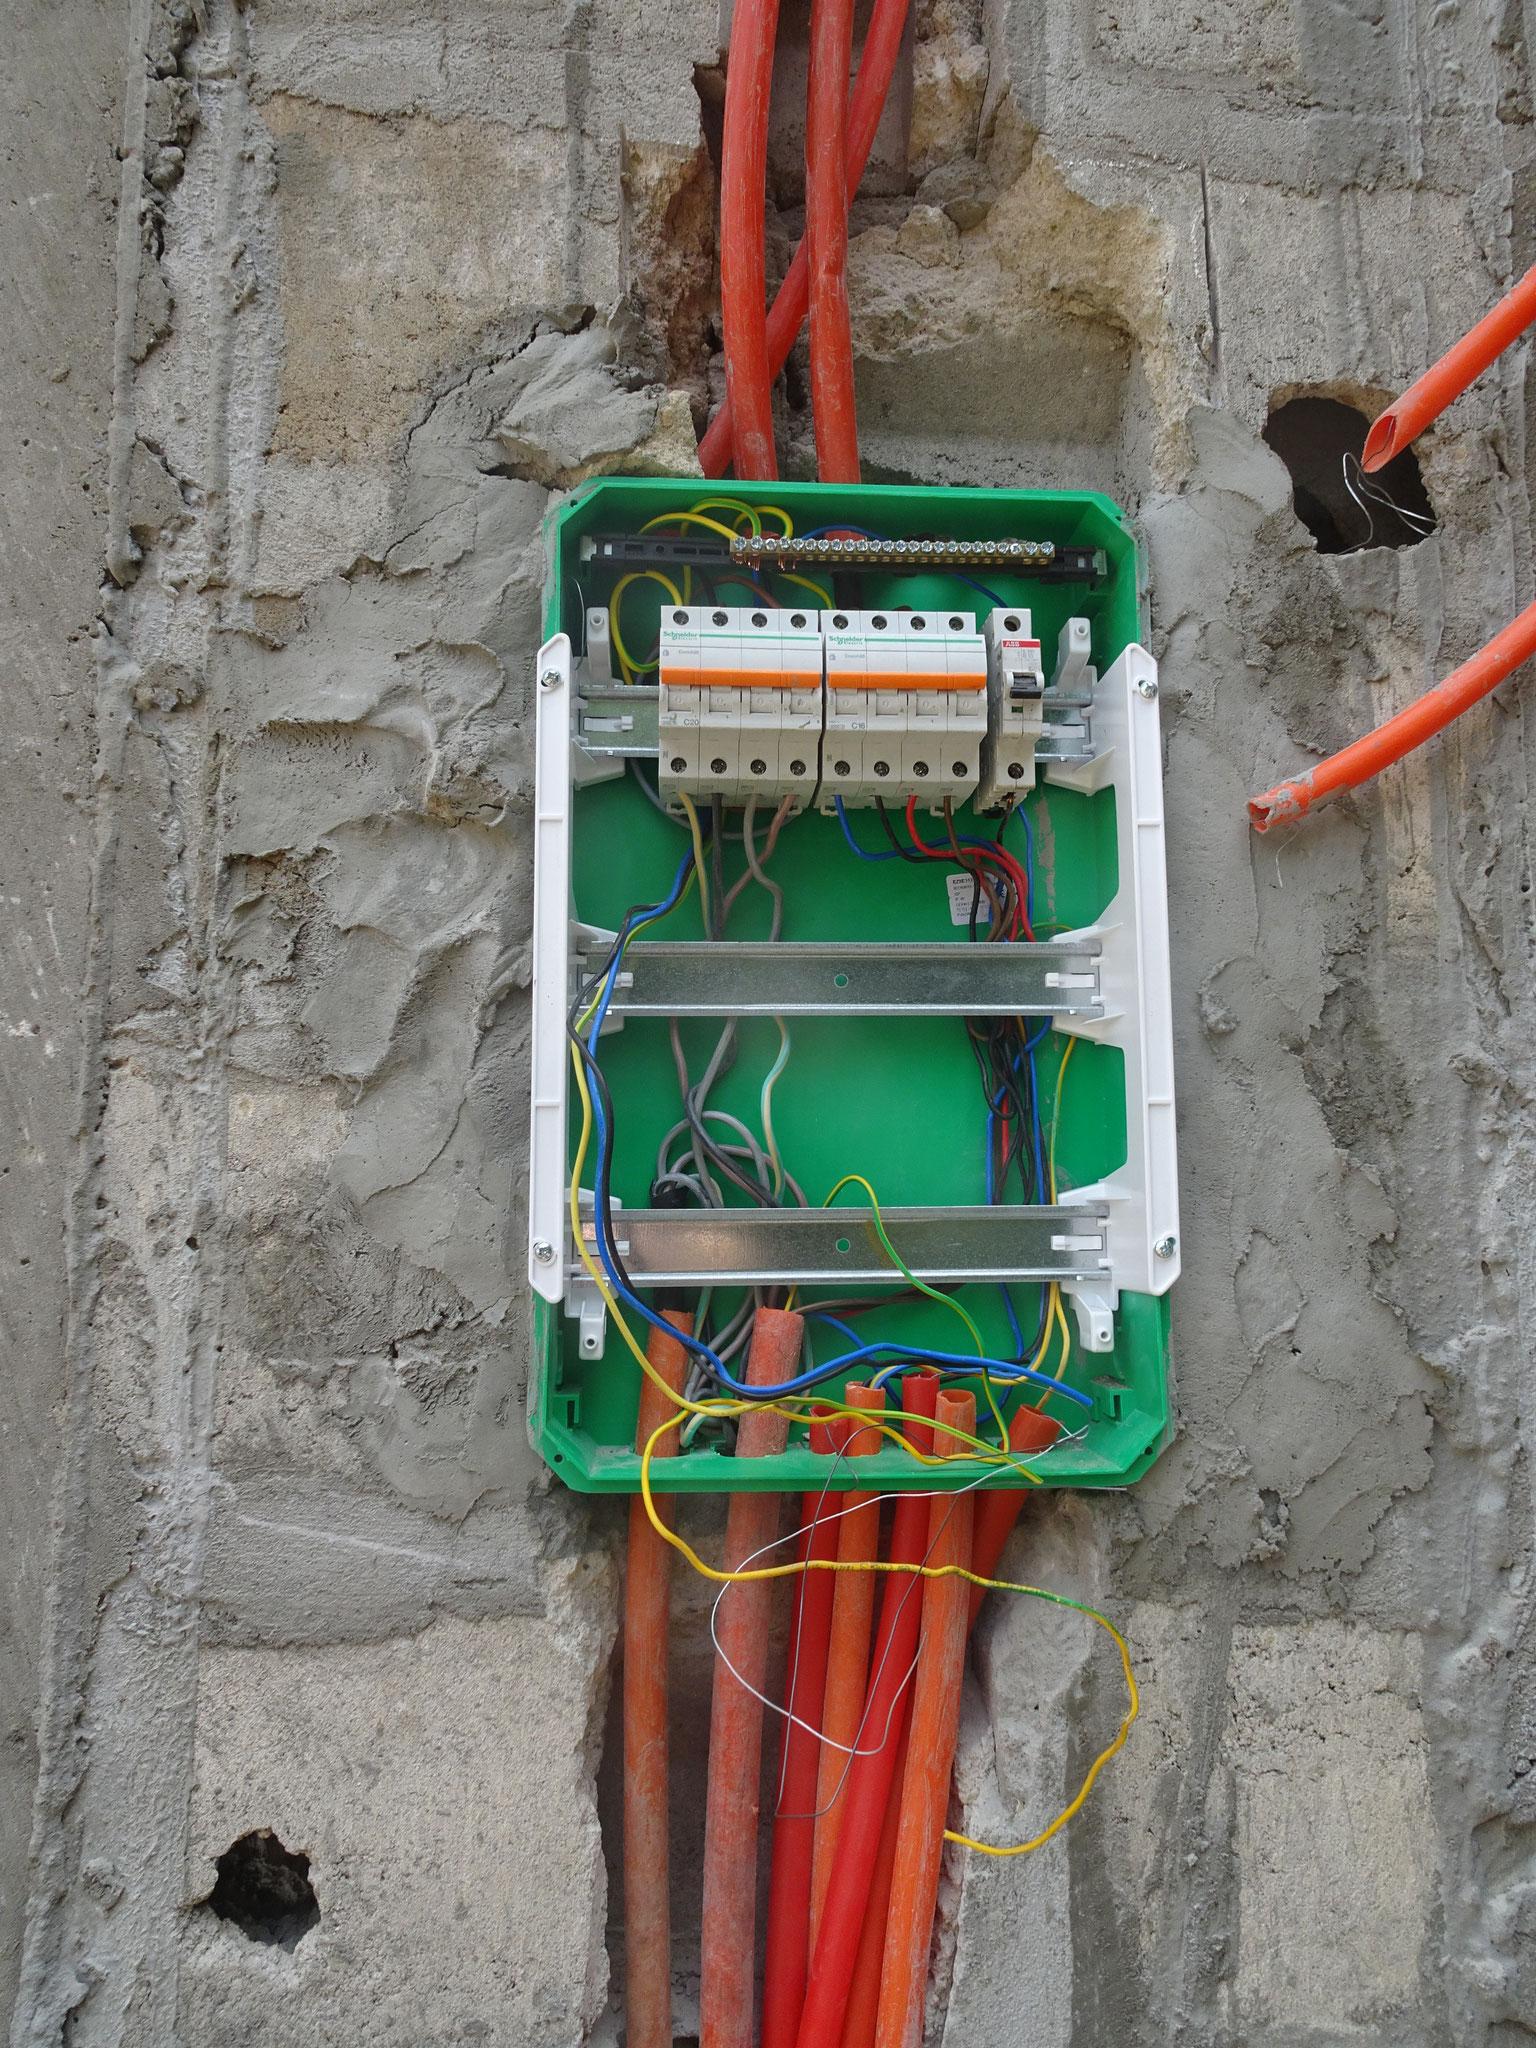 Ausserhalt die Stromverteilung.